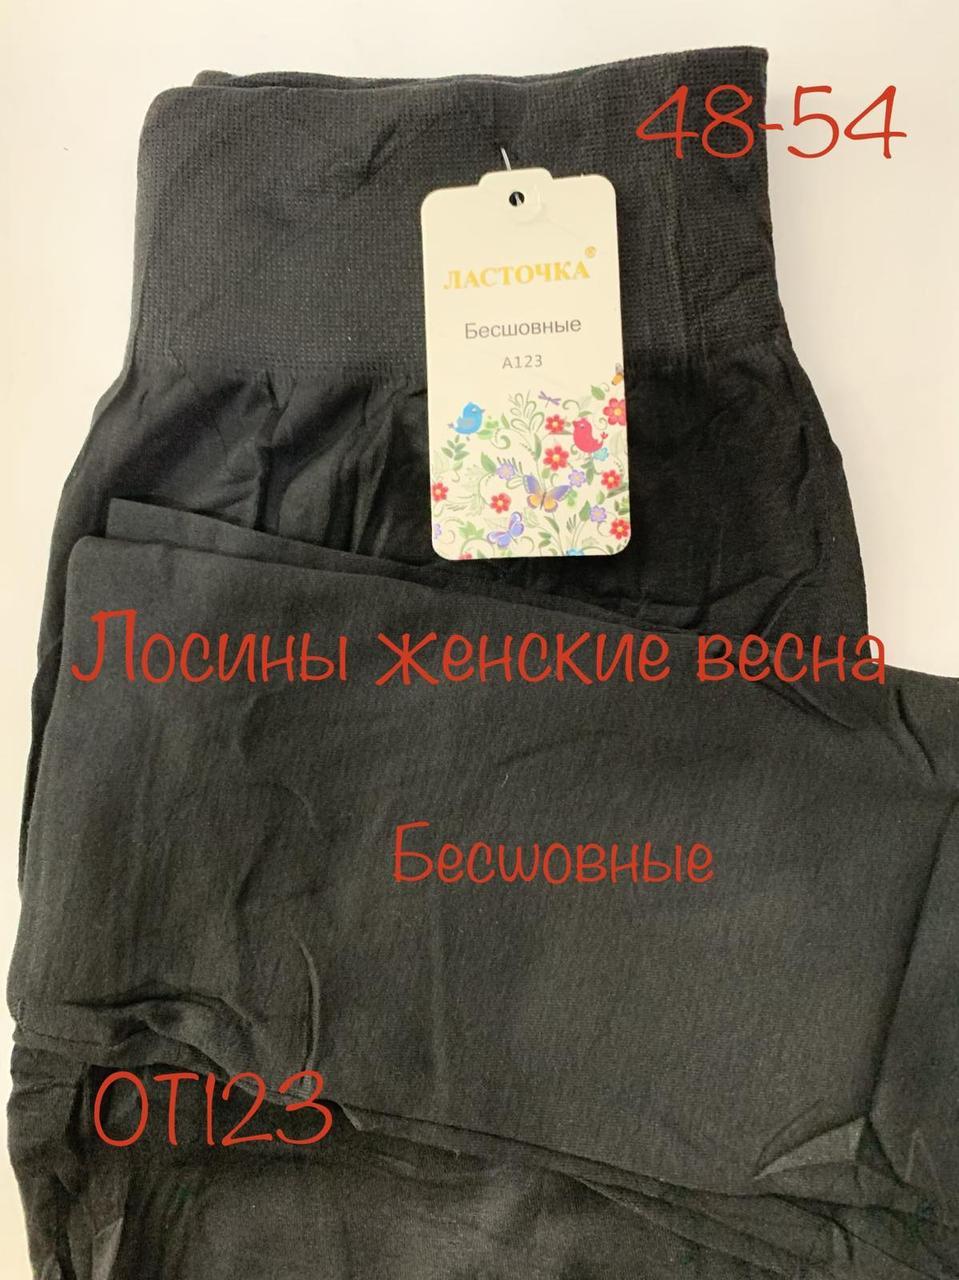 Лосины женские ЛАСТОЧКА  48-54 Хлопок Бесшовные